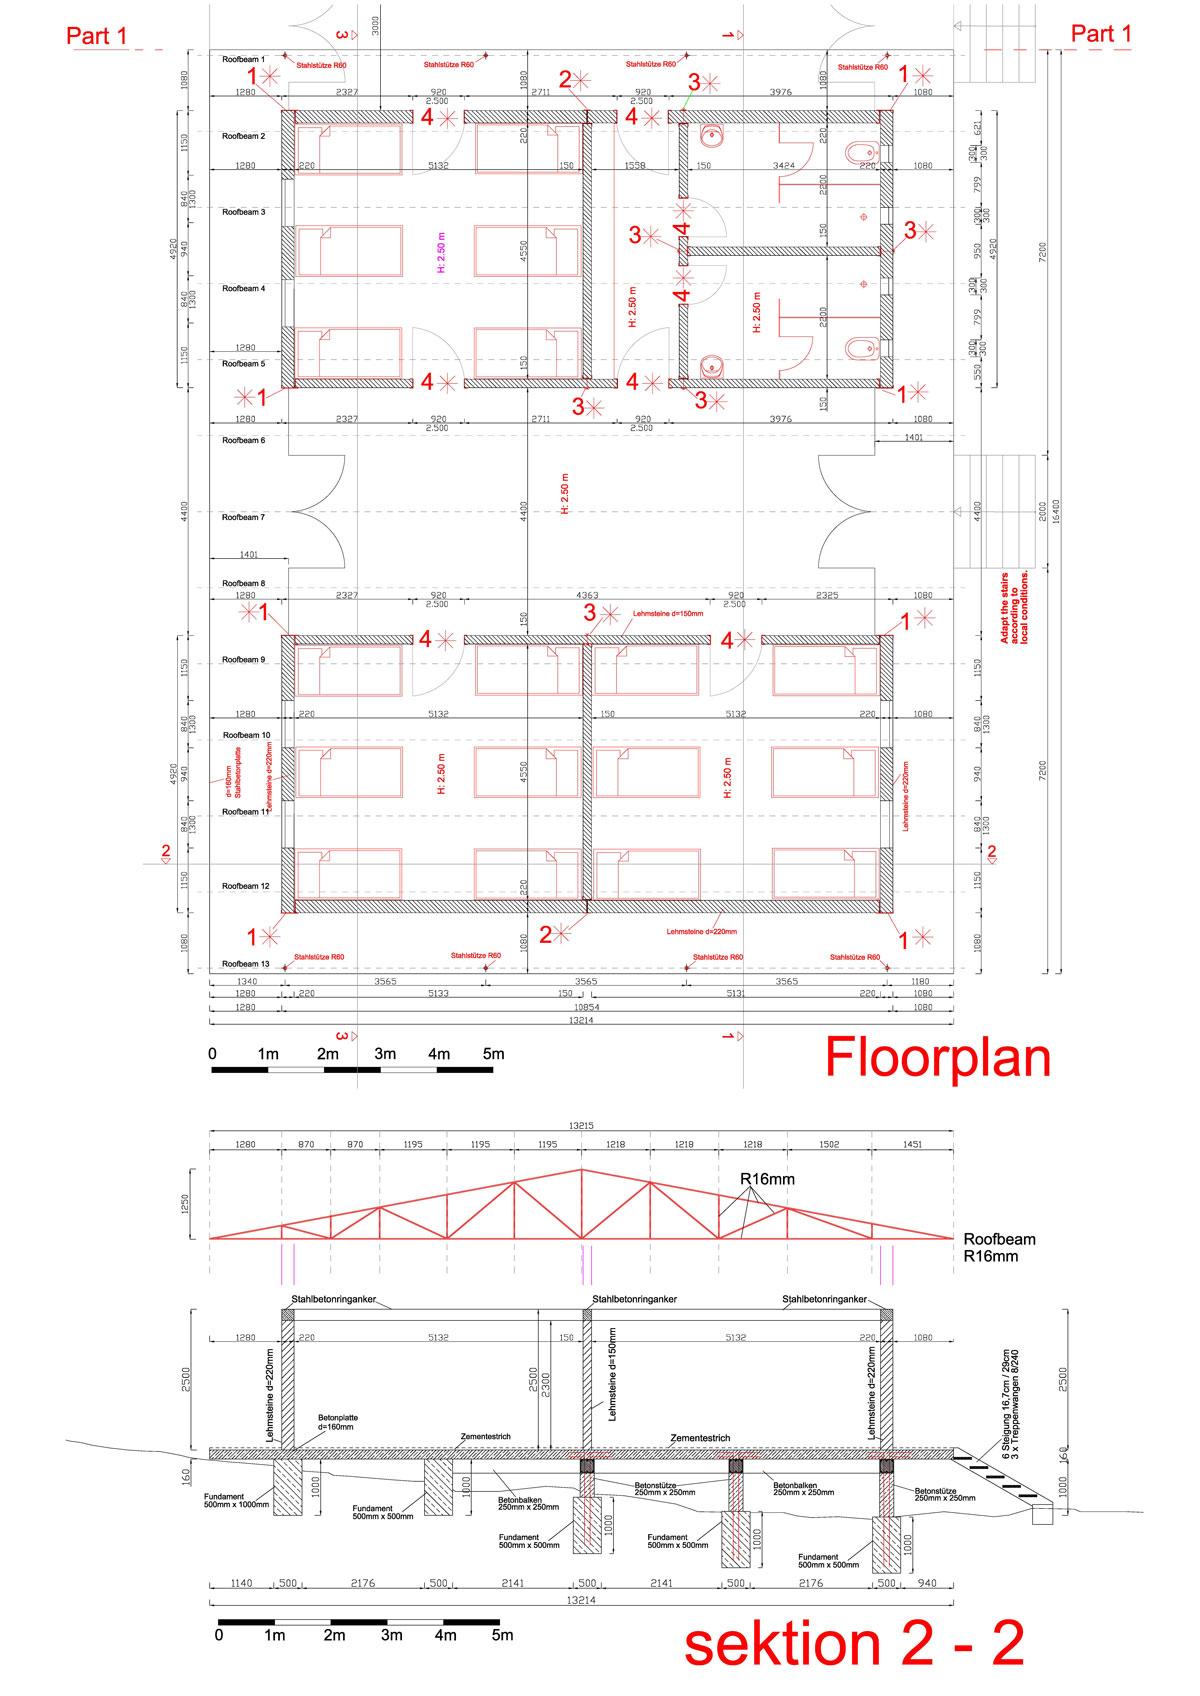 004-ADDIS-AFU-Floorplan-web.jpg